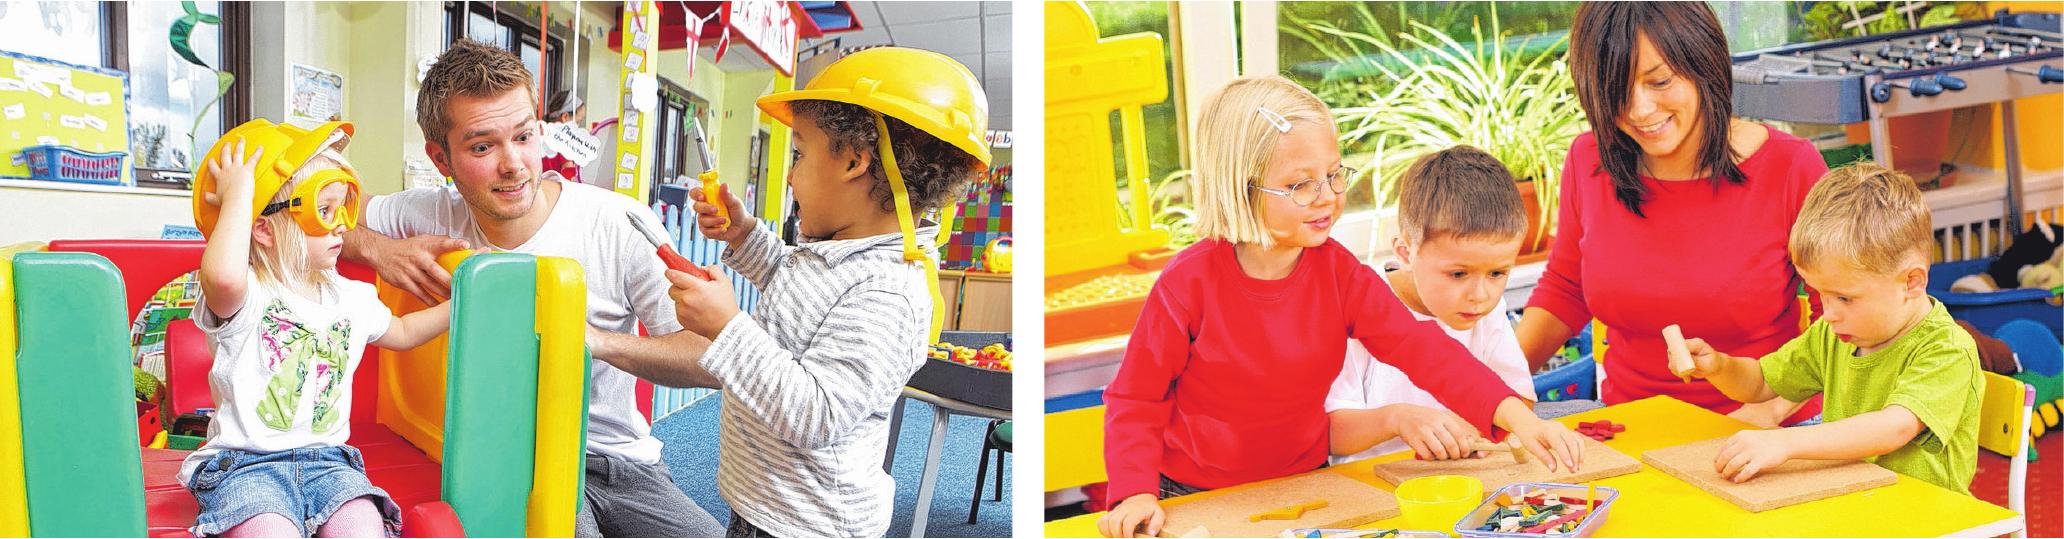 In den ecolea-Schulen werden die Schüler praxisnah auf ihren Berufsalltag vorbereitet. Die Ausbildung zum Erzieher beinhaltet unter anderem Theorieunterricht in den Fächern Mathe, Deutsch, Englisch und Sozialkunde sowie auch verschiedenen Praktika und zusätzliche Möglichkeiten wie Rollstuhltraining. FOTOS: ECOLEA, STOCK.ADOBE.COM